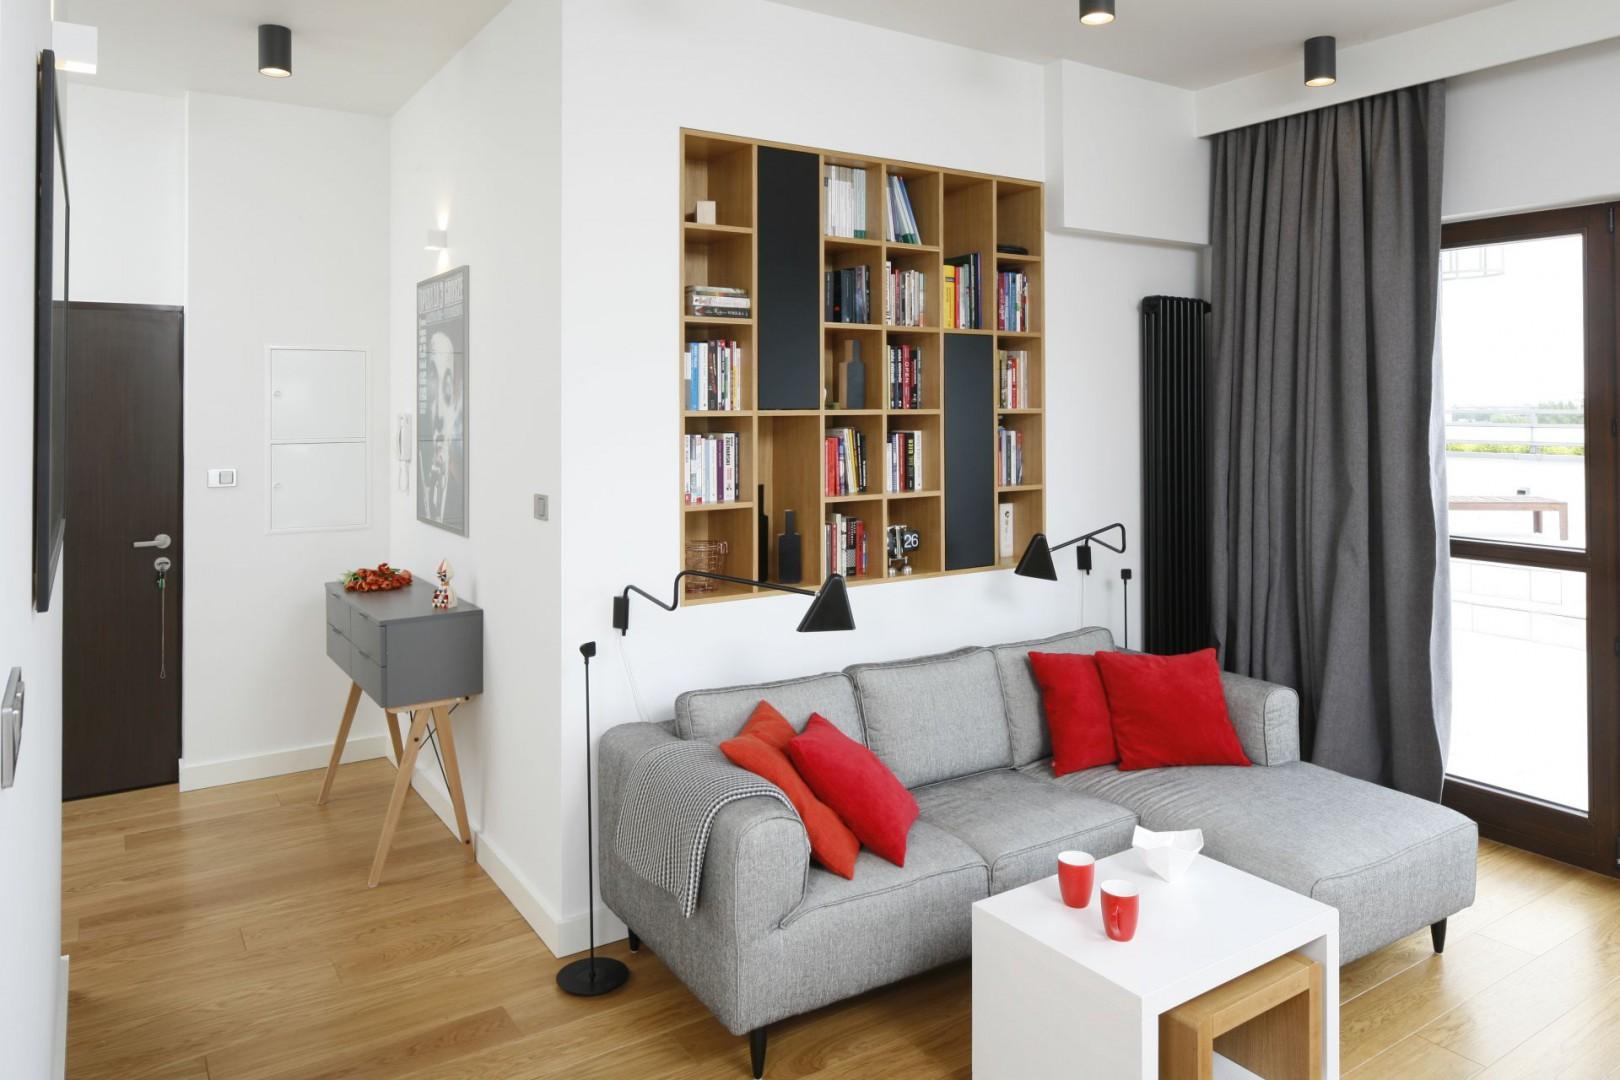 Czerwone poduchy na sofie ożywiają wnętrze. Projekt: Małgorzata Łyszczarz. Fot. Bartosz Jarosz